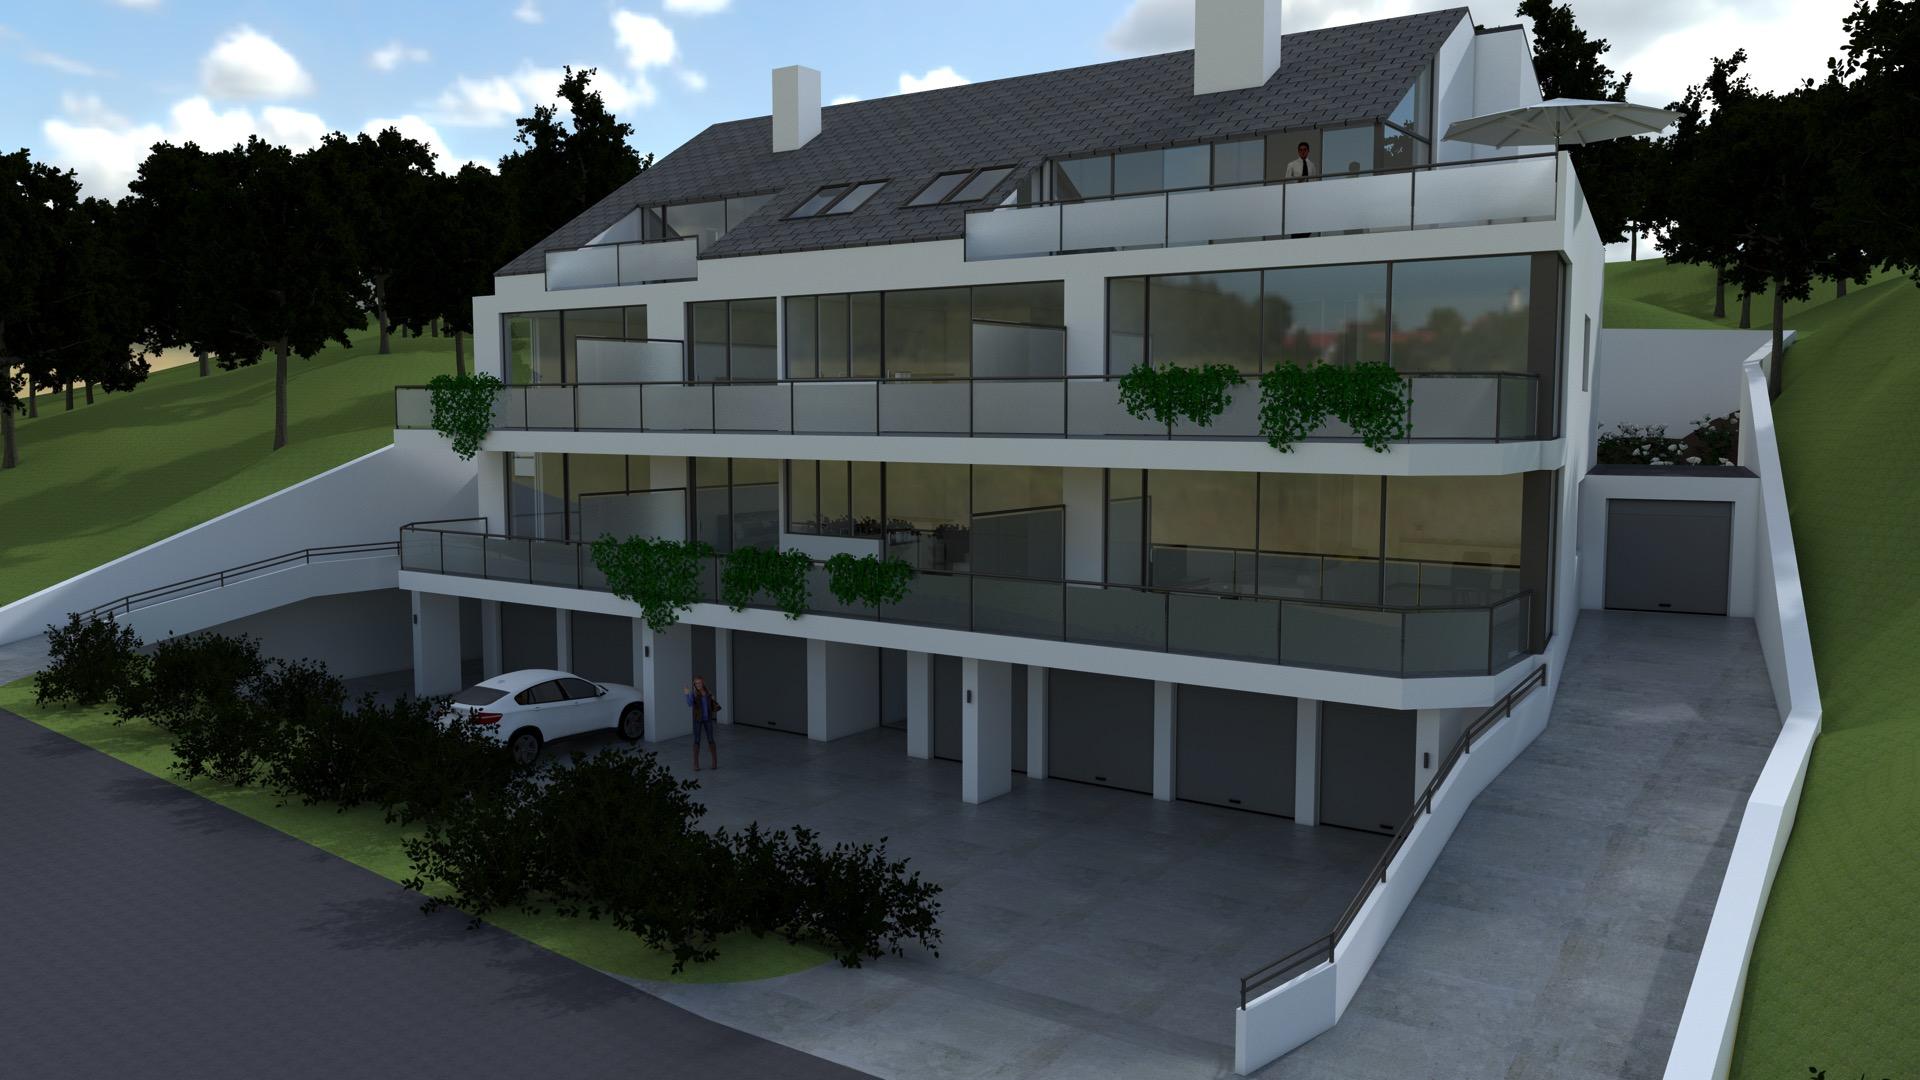 Appartementscomplex in Sprockhövel, Duitsland